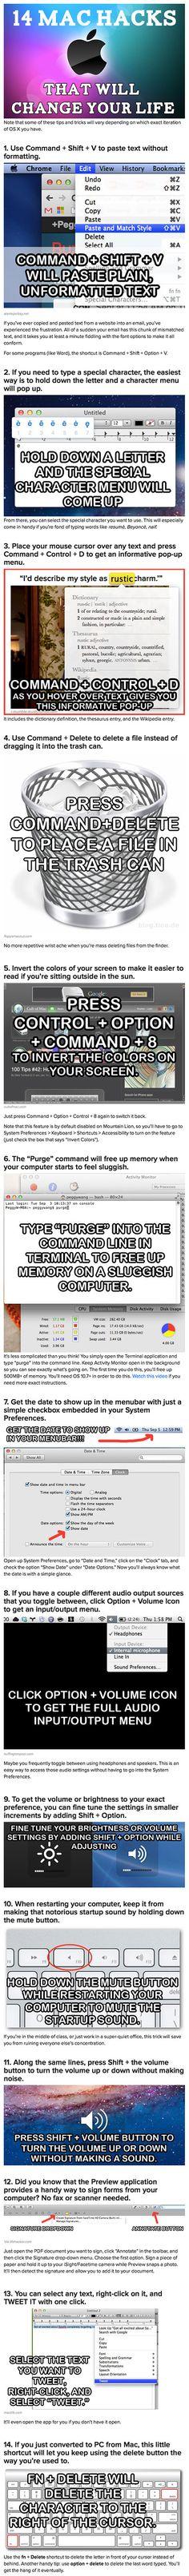 Een aantal mac trucs